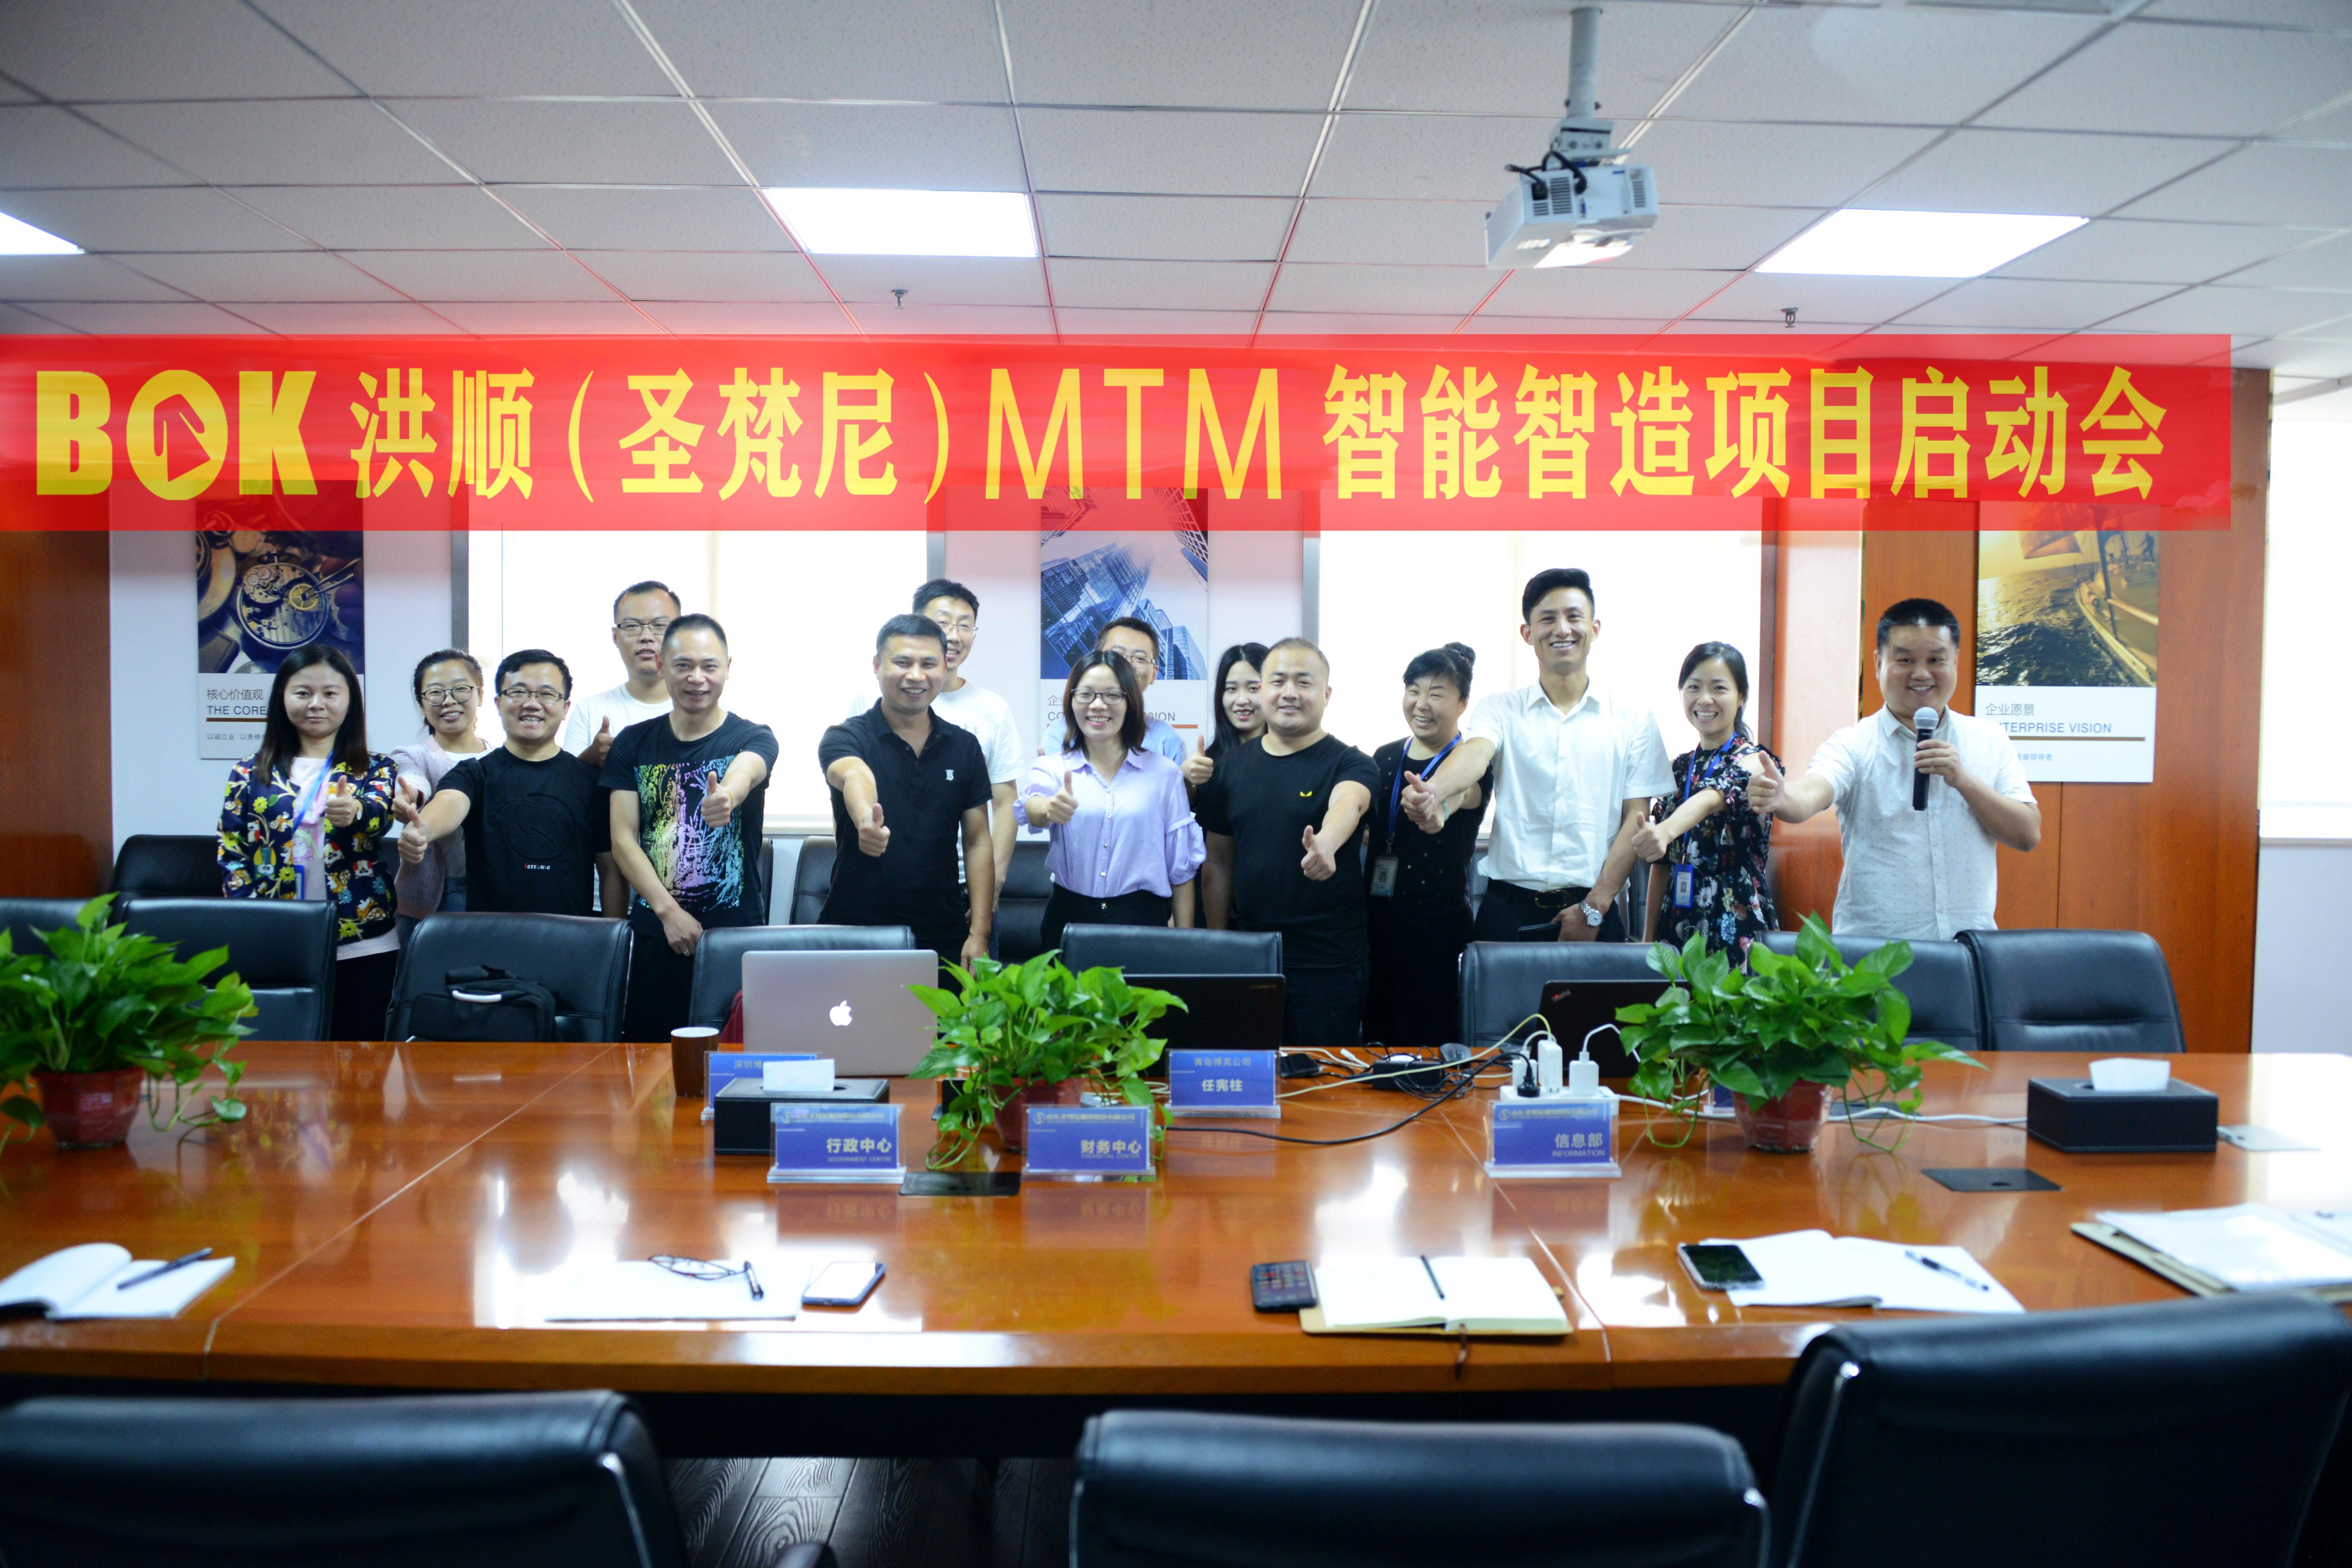 【喜讯】深圳BOK博克&洪顺(圣梵尼)MTM智能智造项目启动会